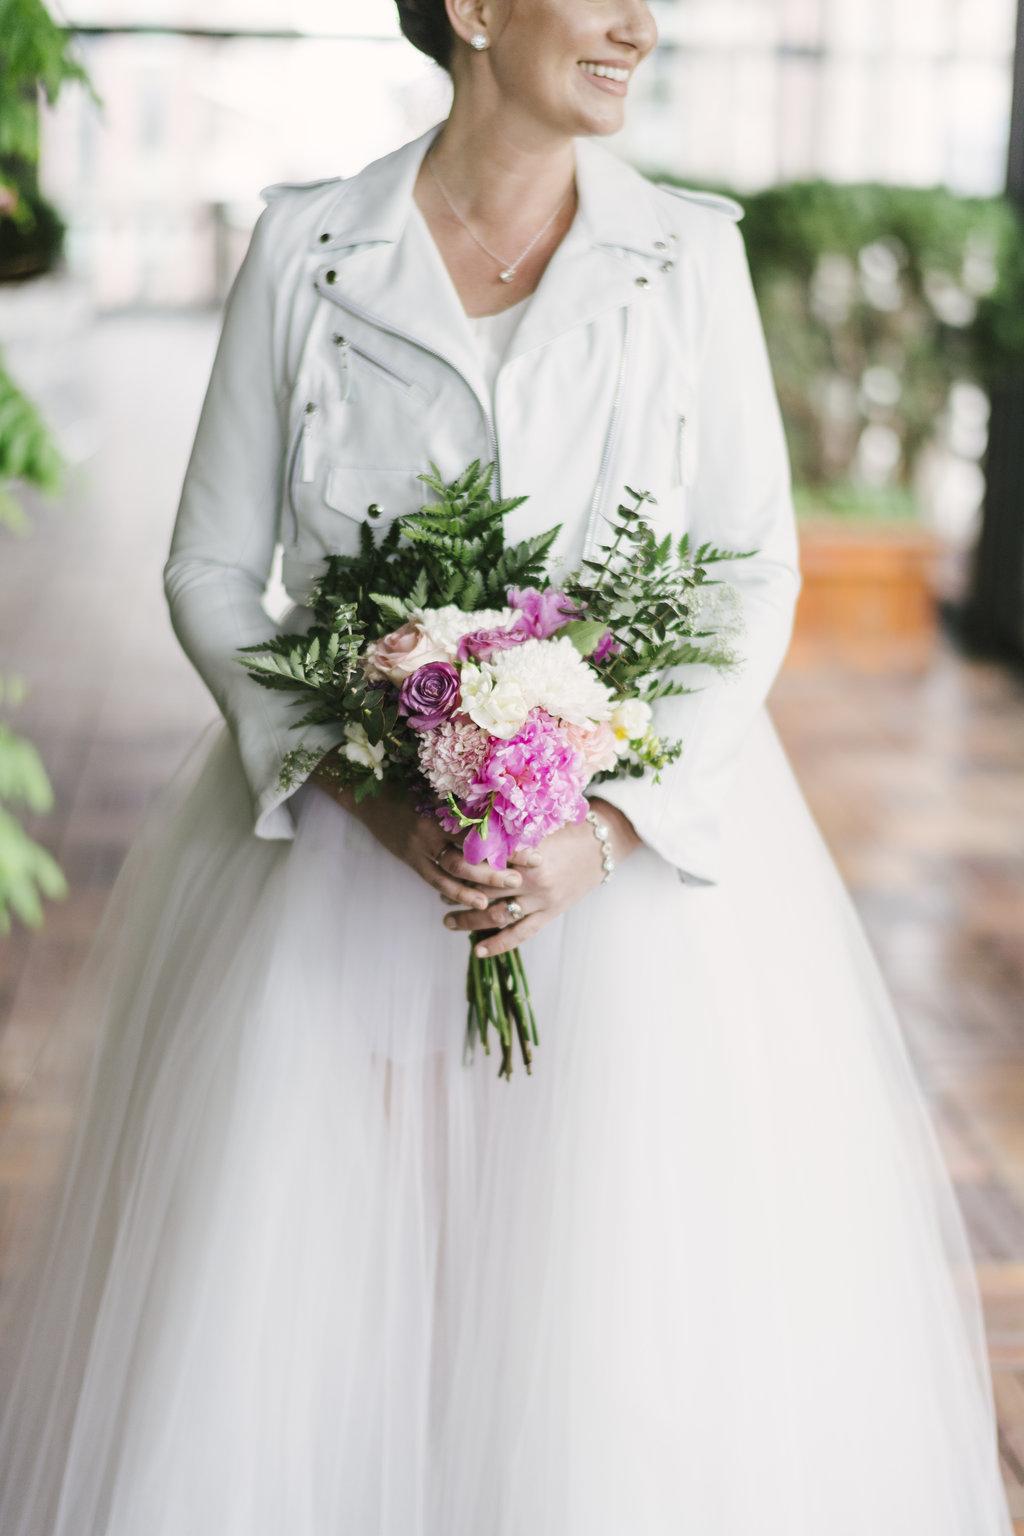 Nathalie Kraynina Bride At The Big Fake WeddingAliciaKingPhotographyBigFakeWedding086.jpg